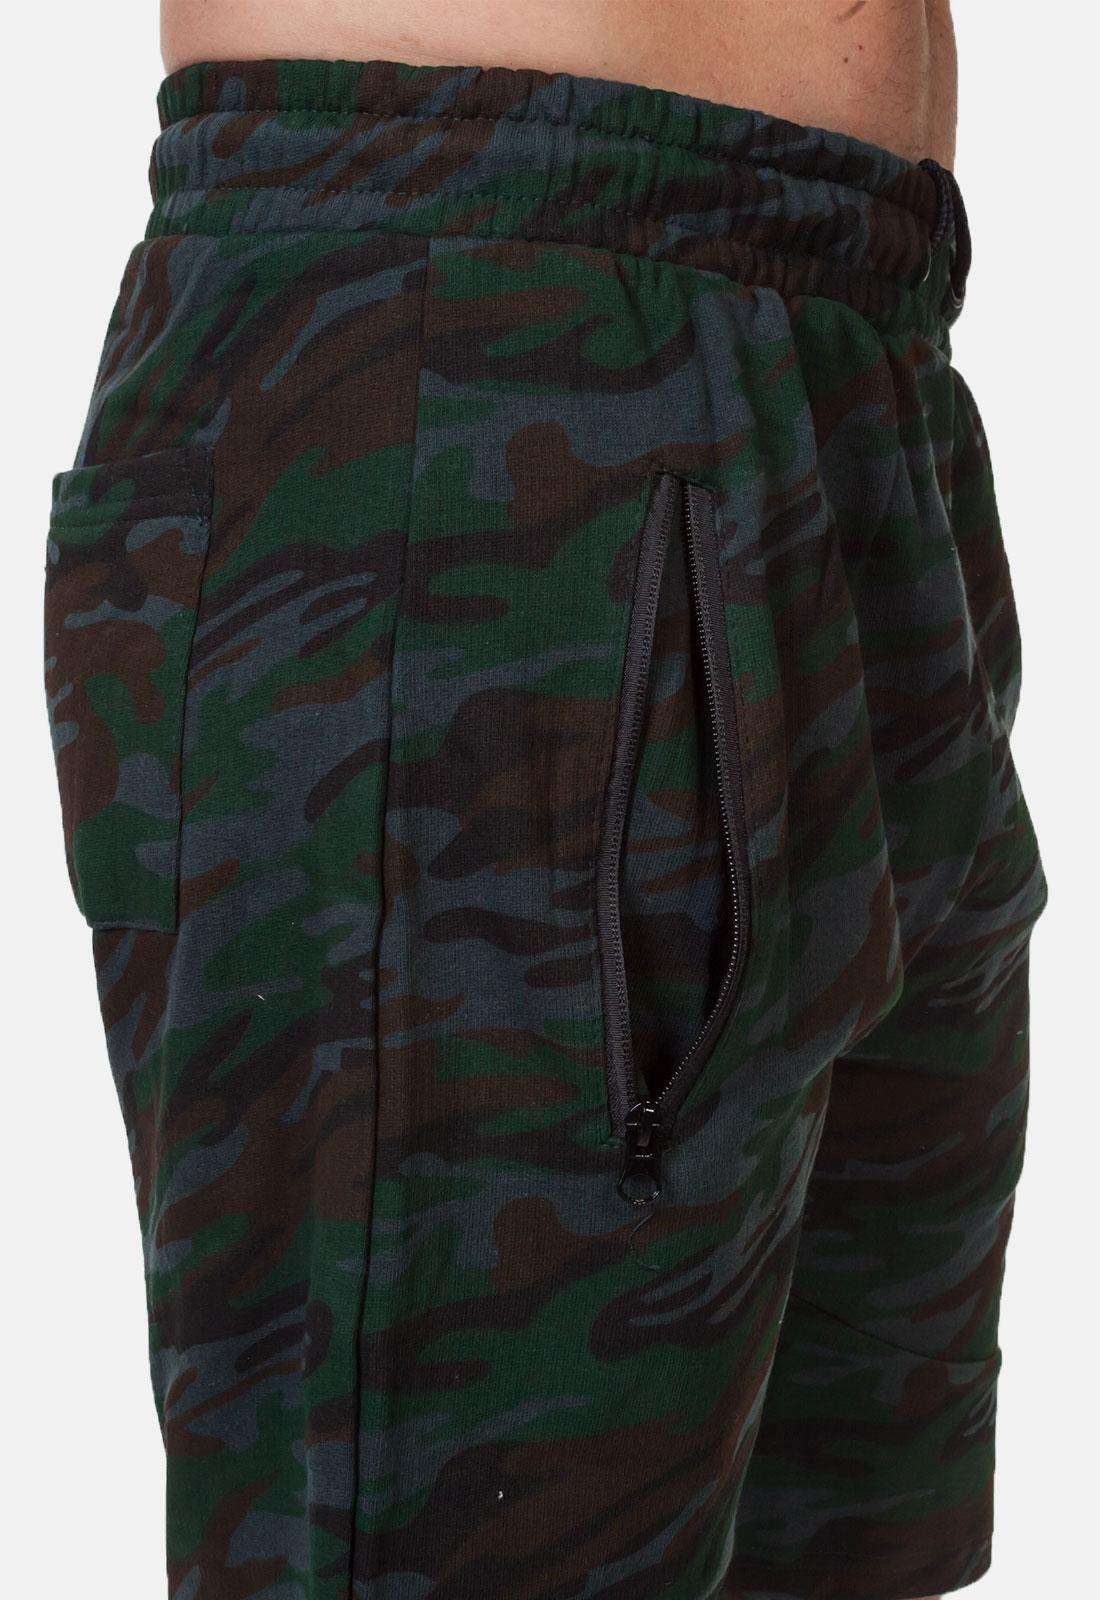 Мужские камуфляжные шорты с вышитой нашивкой Потомственный казак купить с доставкой